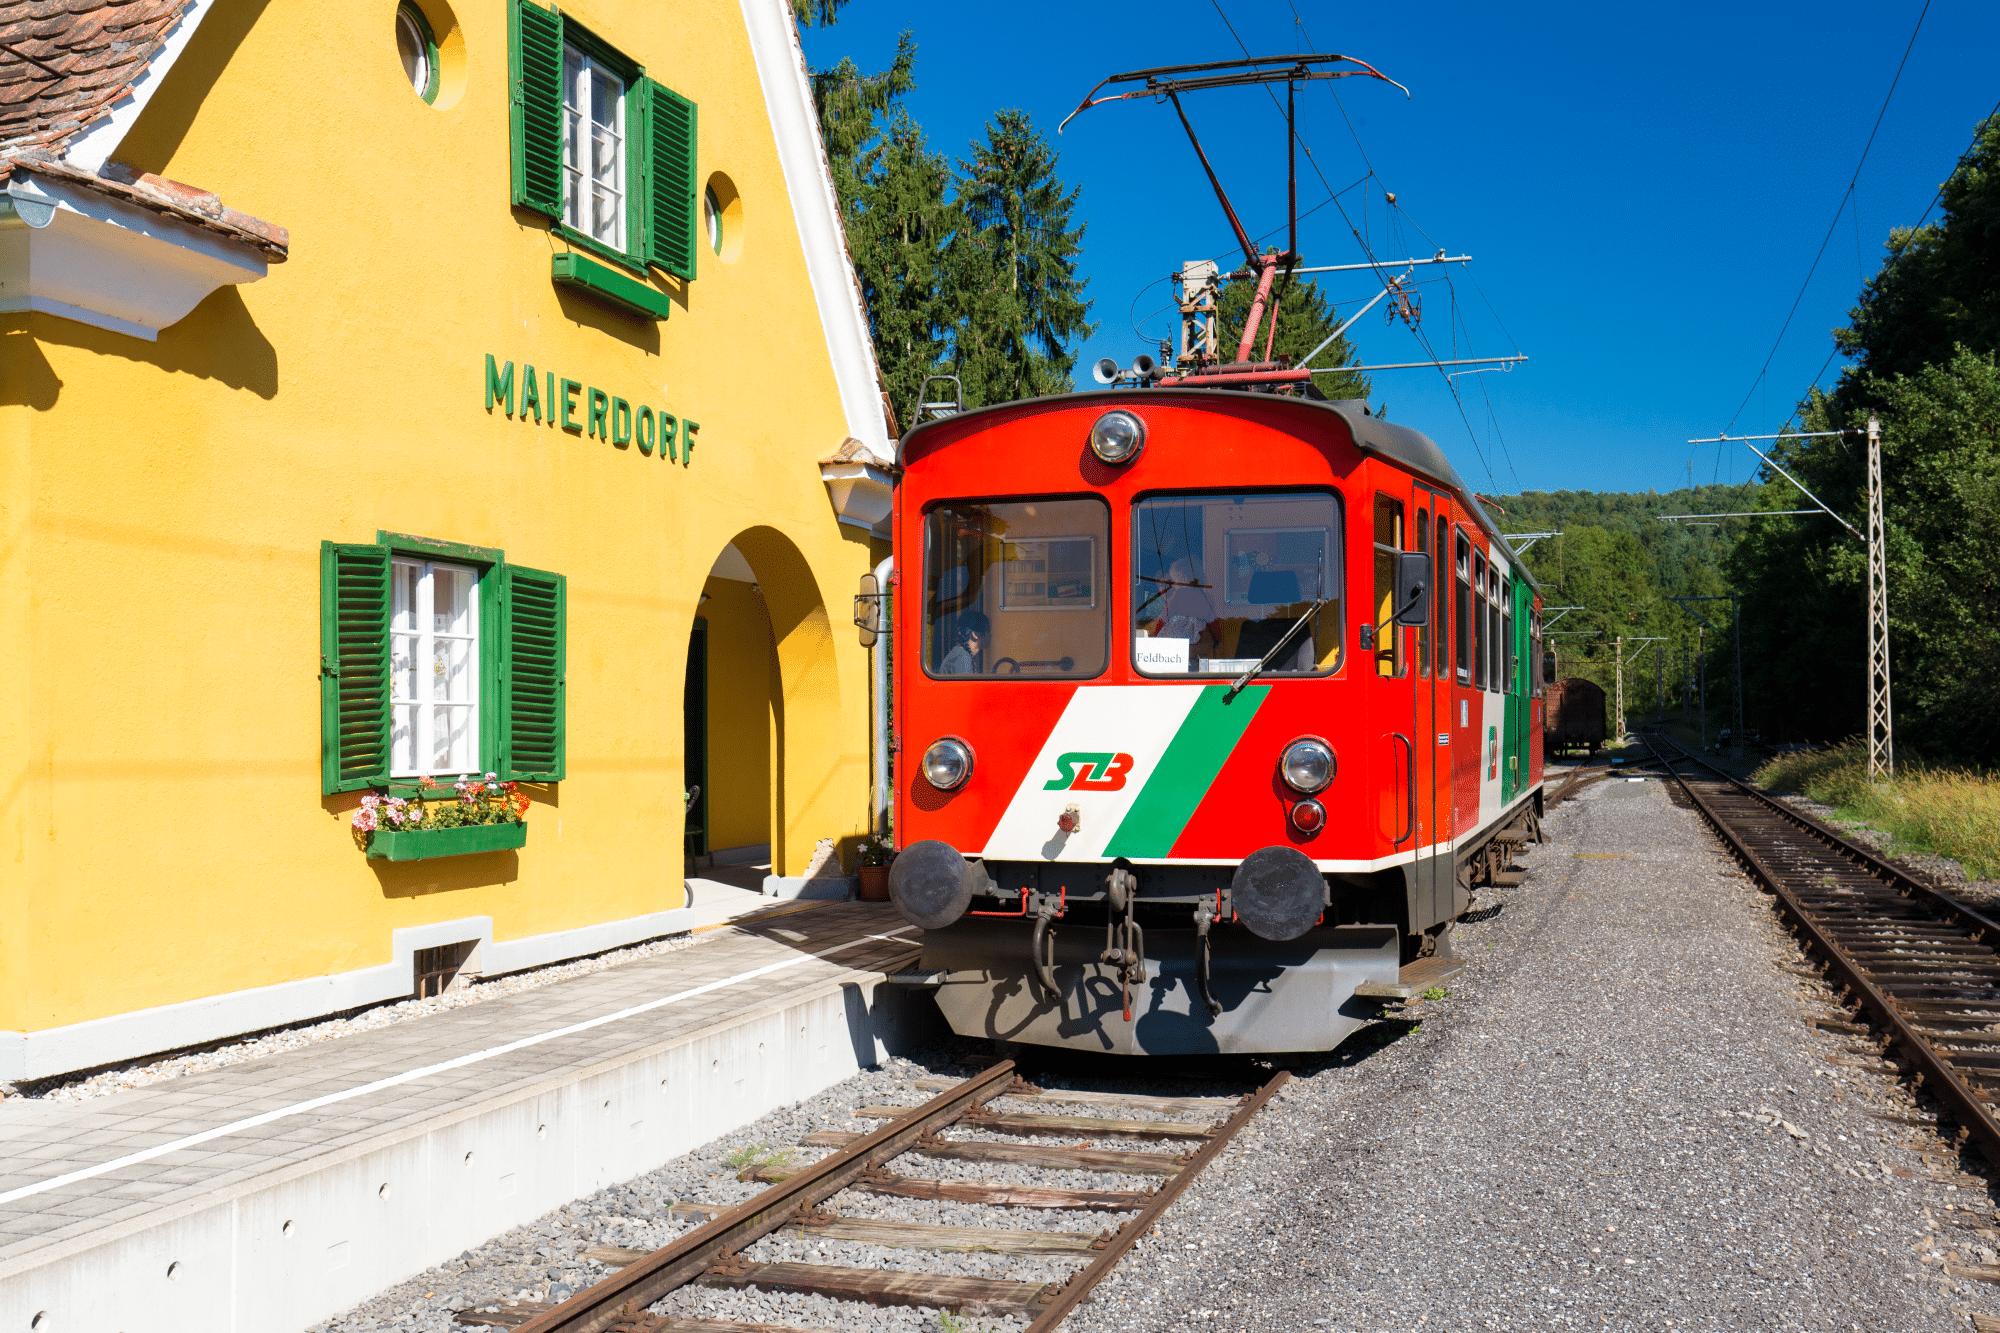 Gleichenberger Bahn | steiermarkbahn.at | Das Bahn-Erlebnis